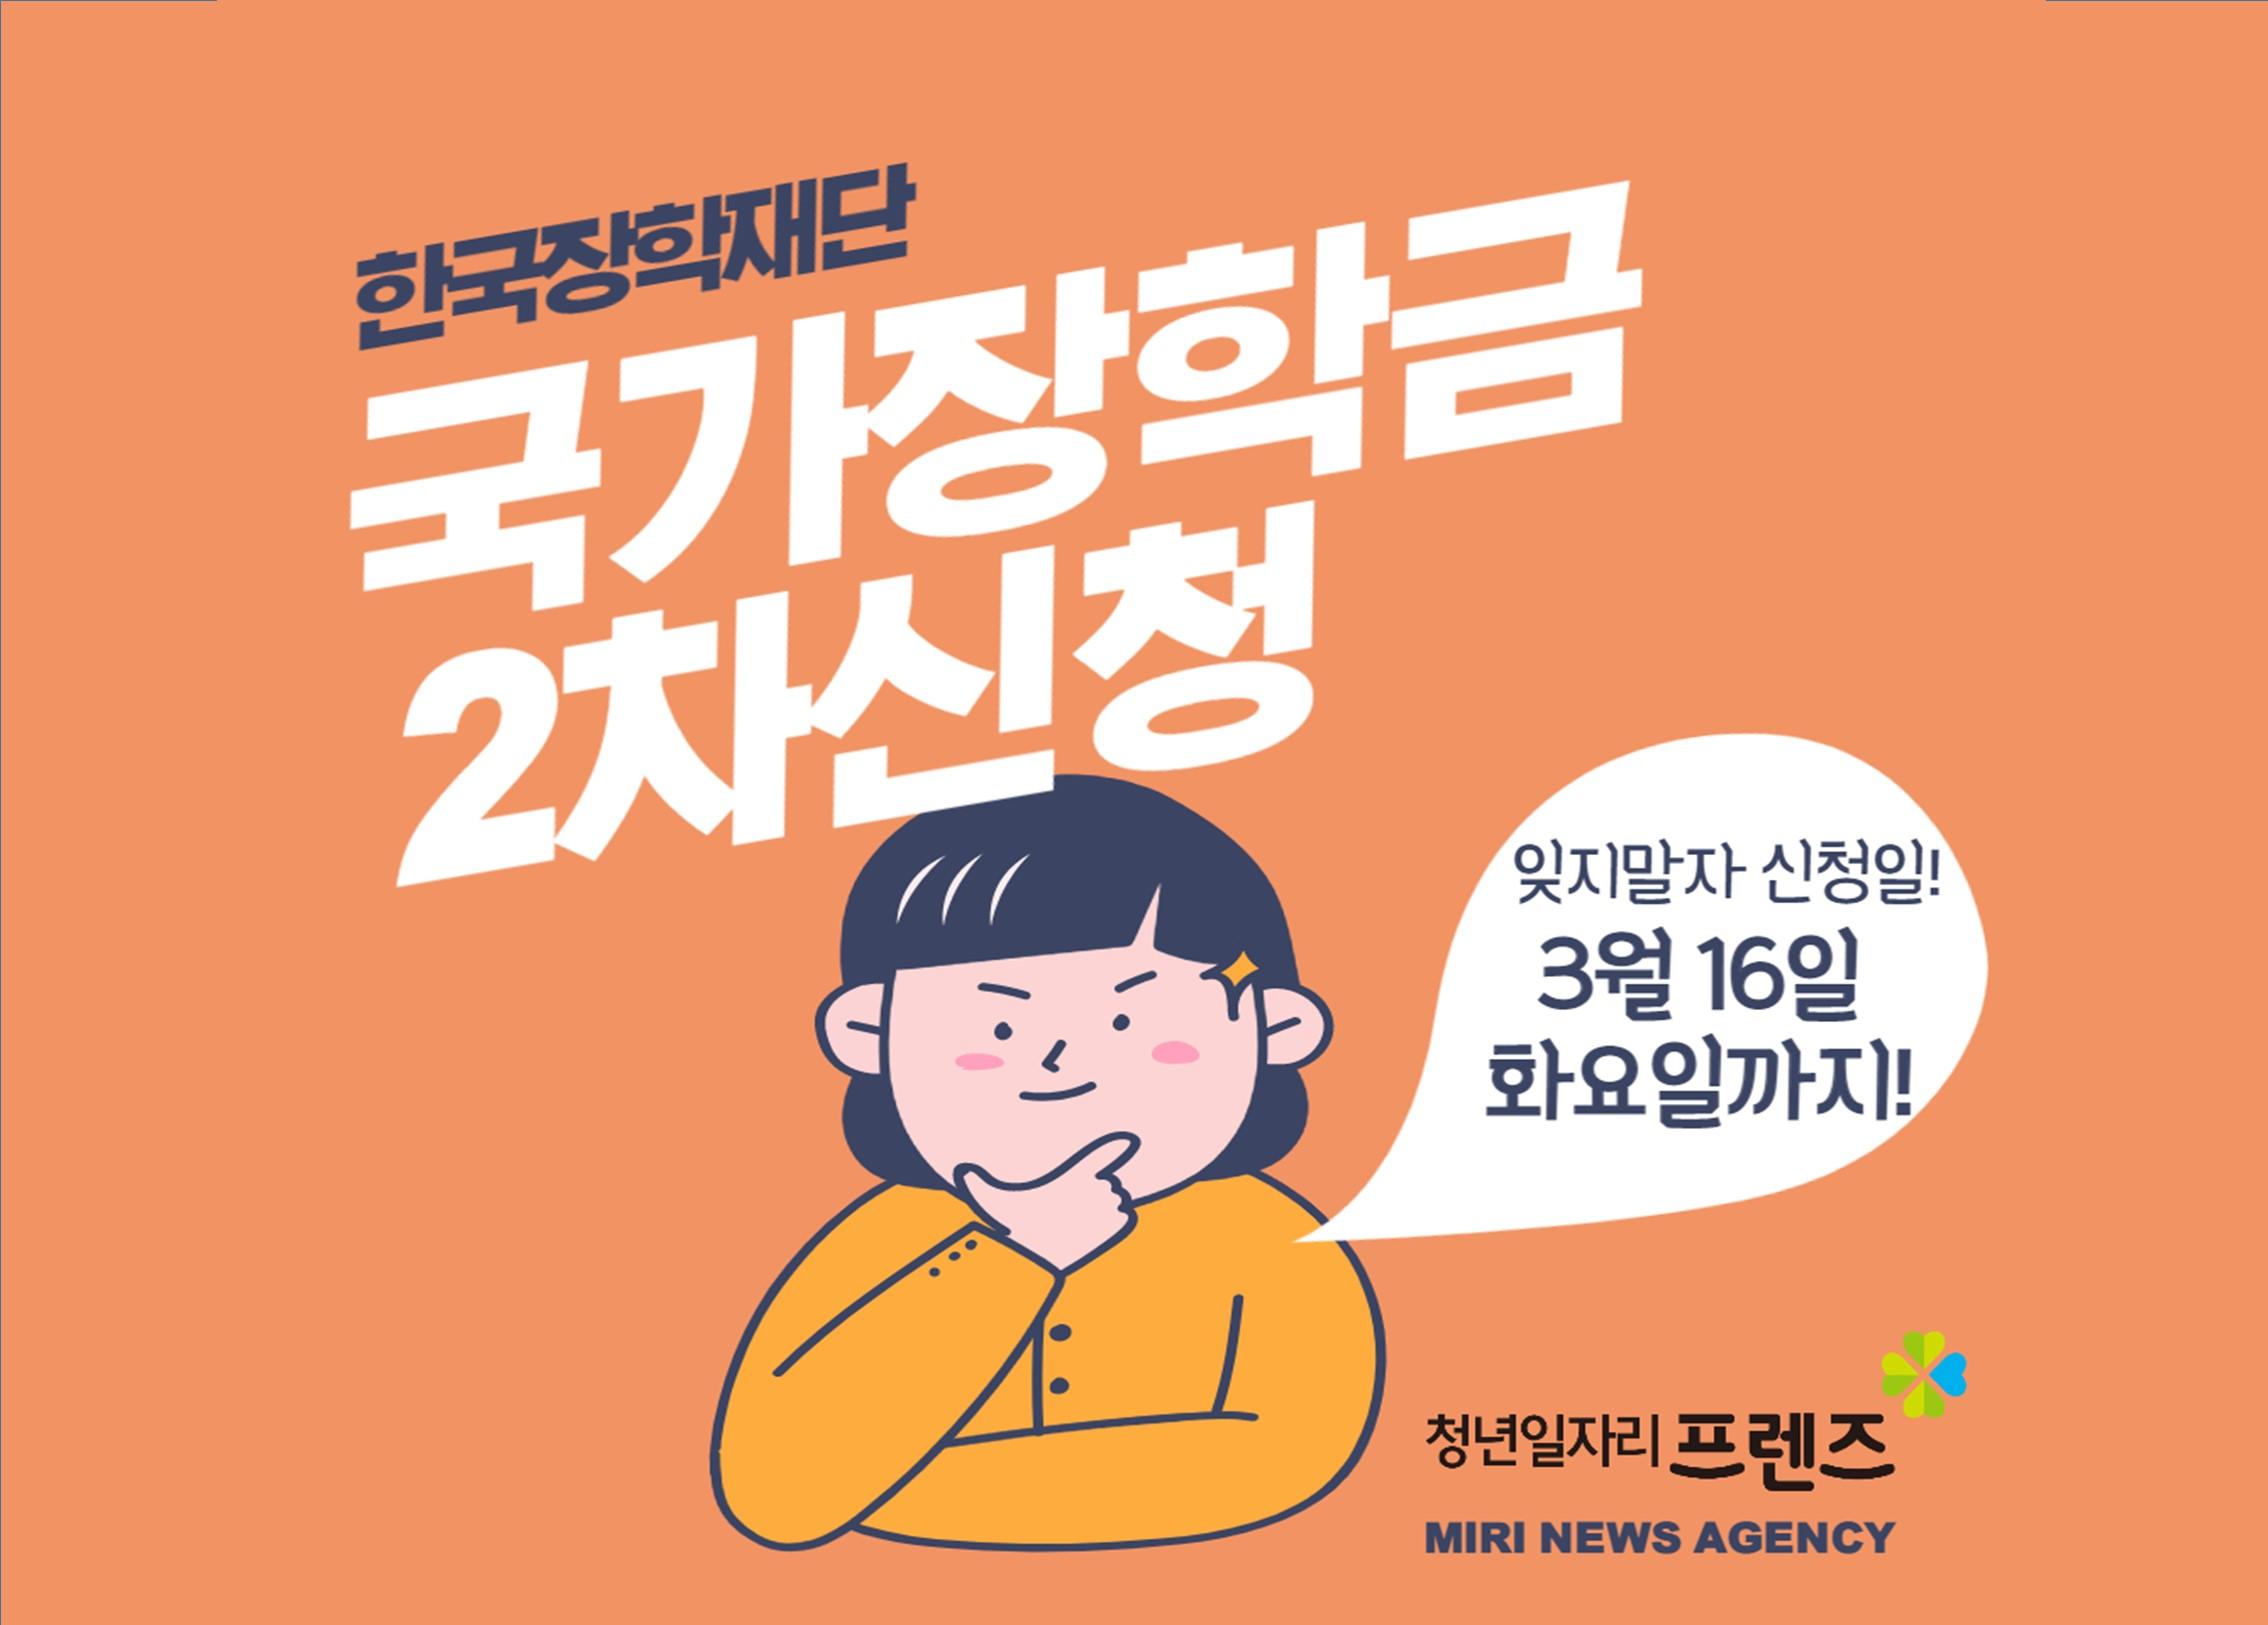 한국장학재단 국가장학금 2차신청